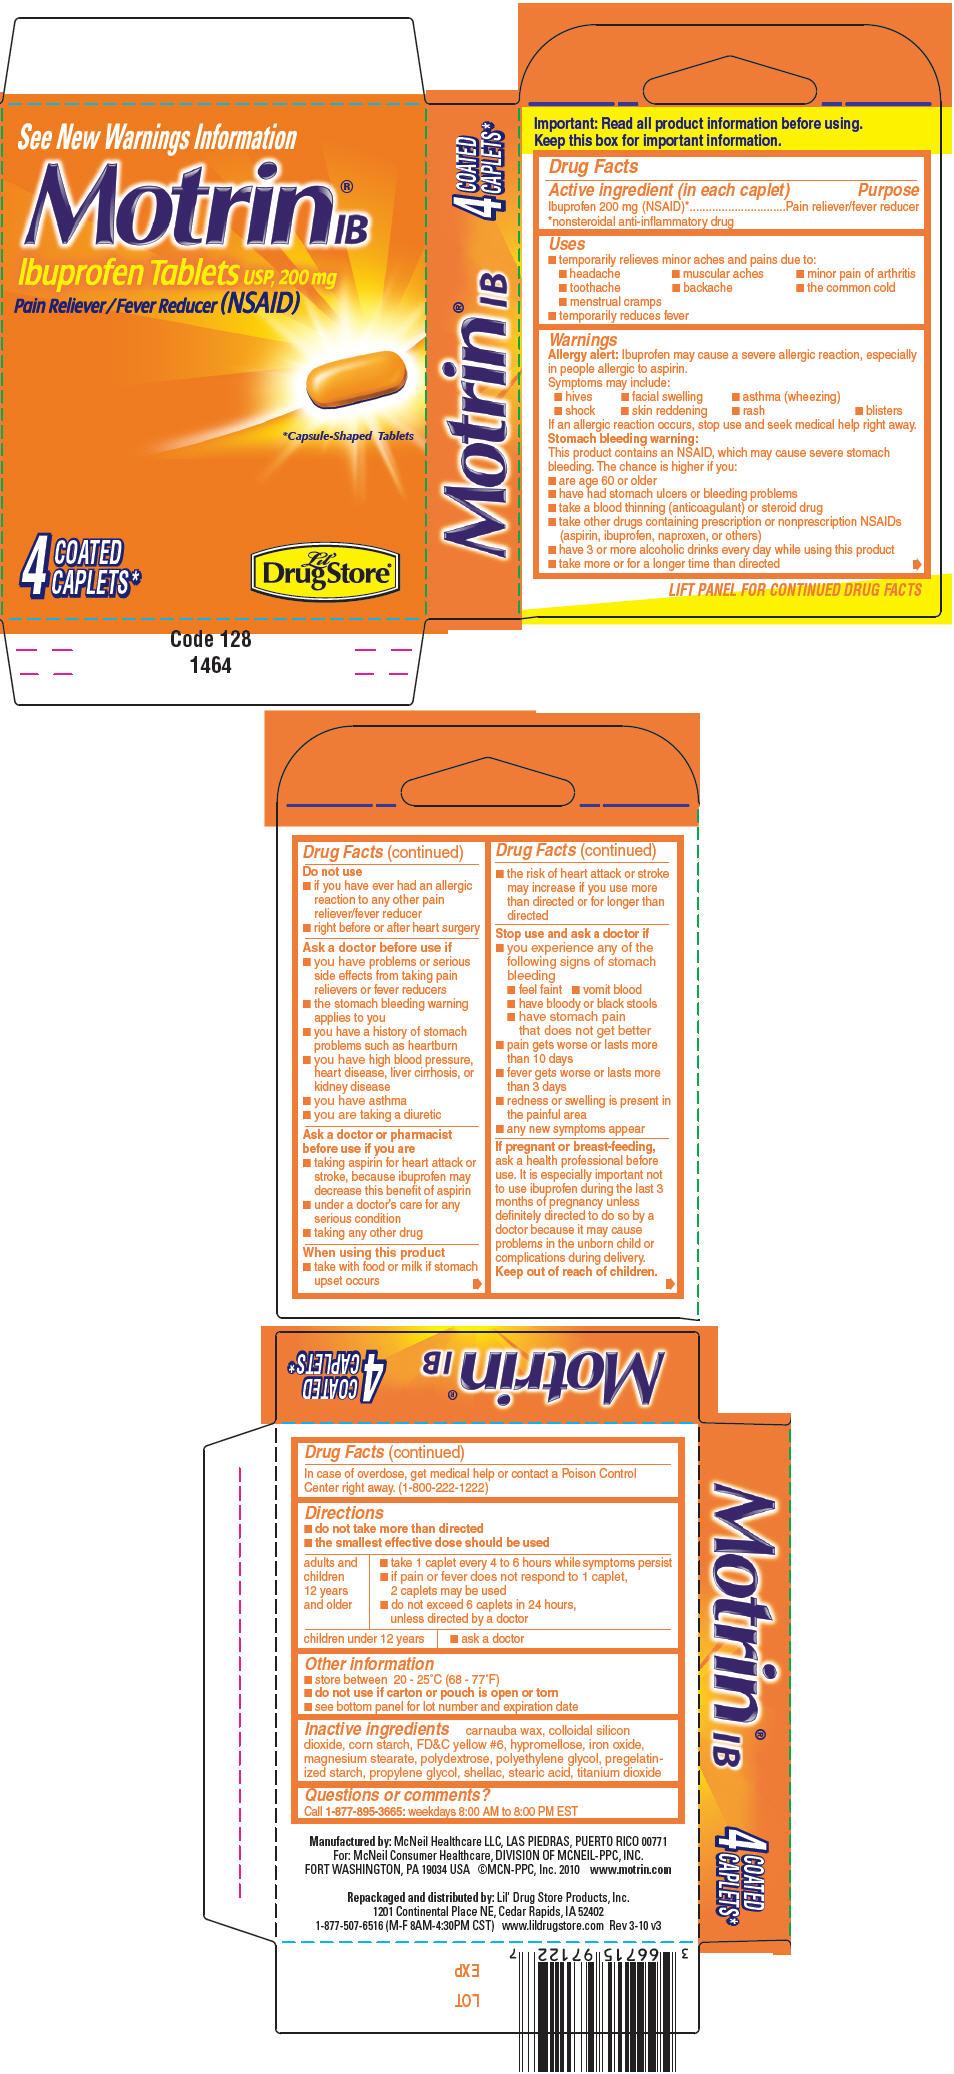 Ibuprofen (Motrin IB)